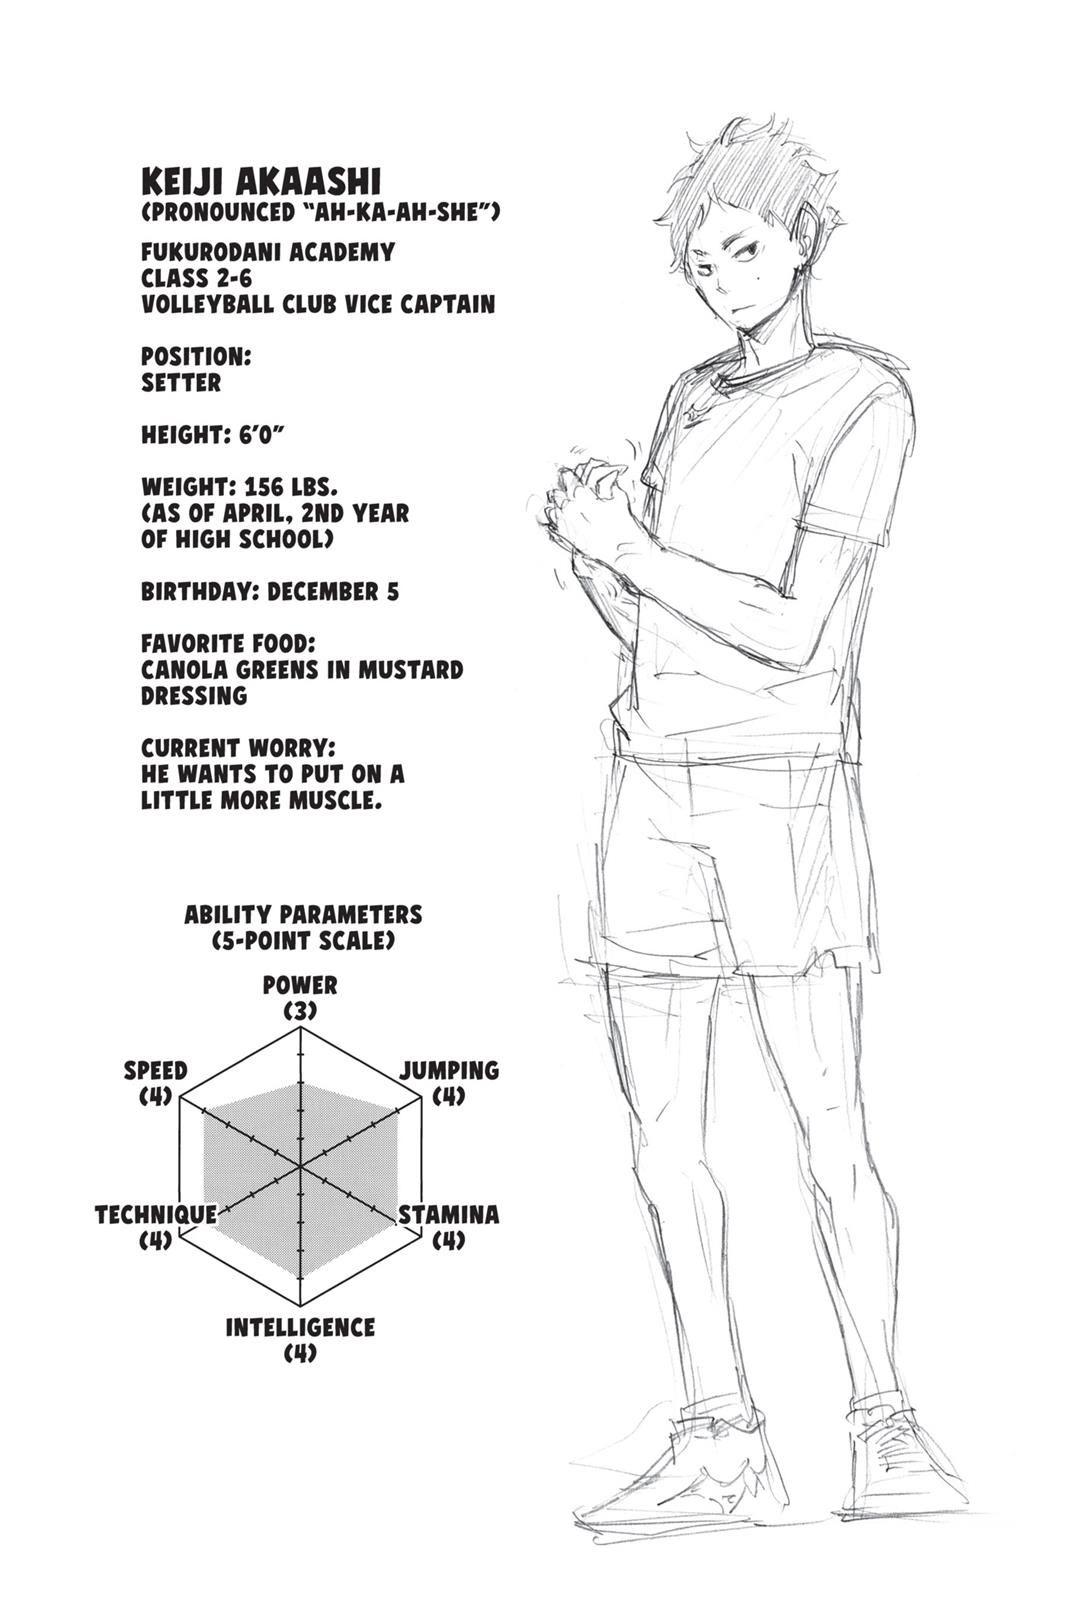 Haikyuu Chapter 89 Read Haikyuu Manga Online In 2020 Haikyuu Akaashi Haikyuu Haikyuu Characters